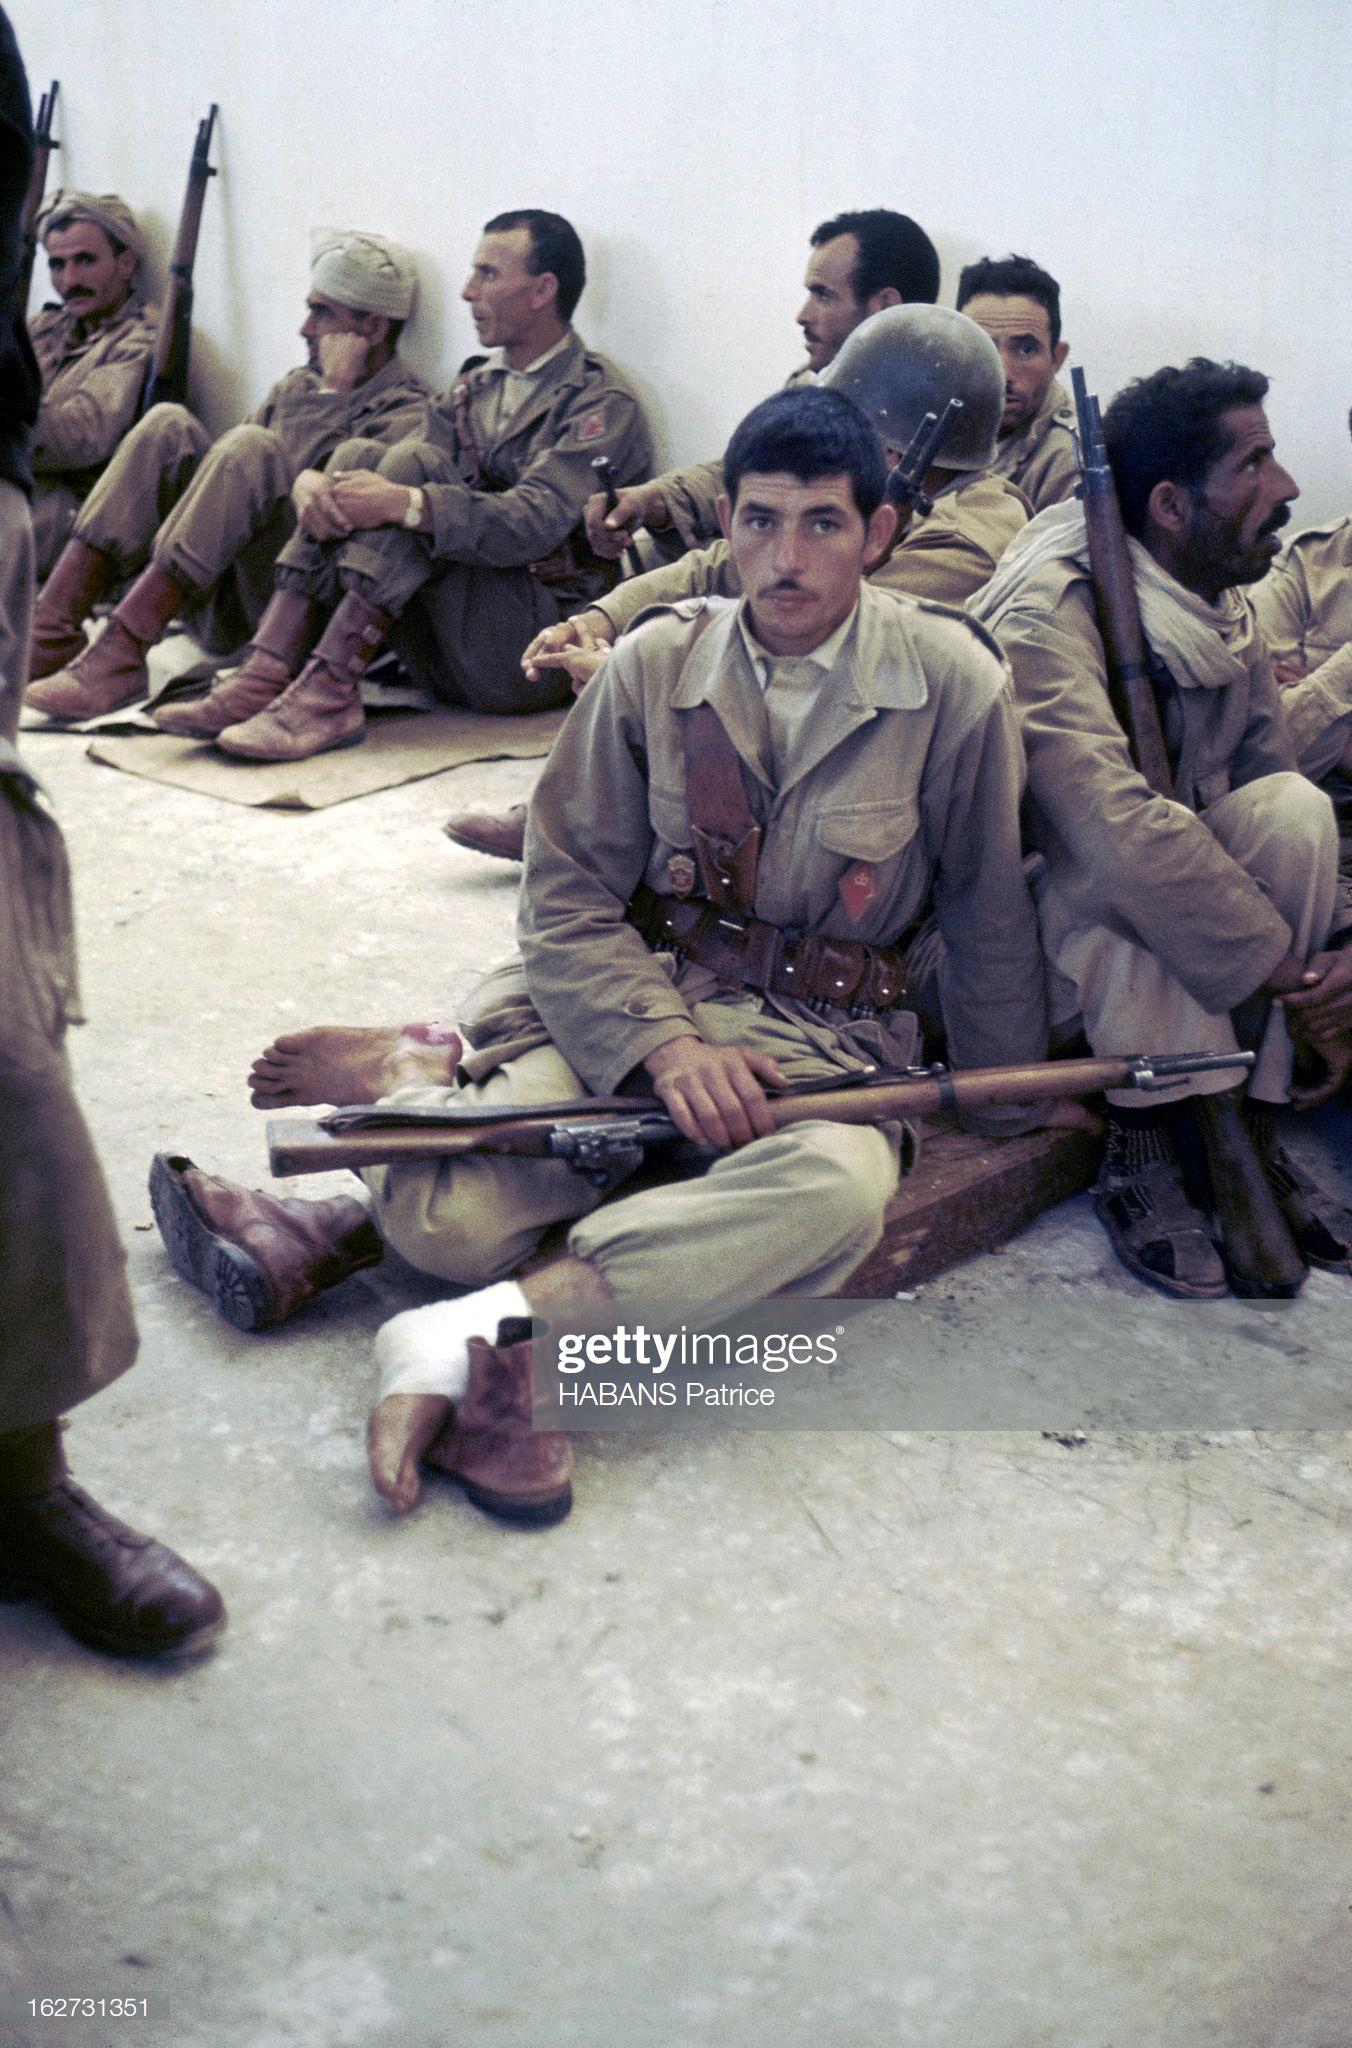 Photos - Guerre des Sables - 1963 - Page 8 47881159051_bb3233a45c_o